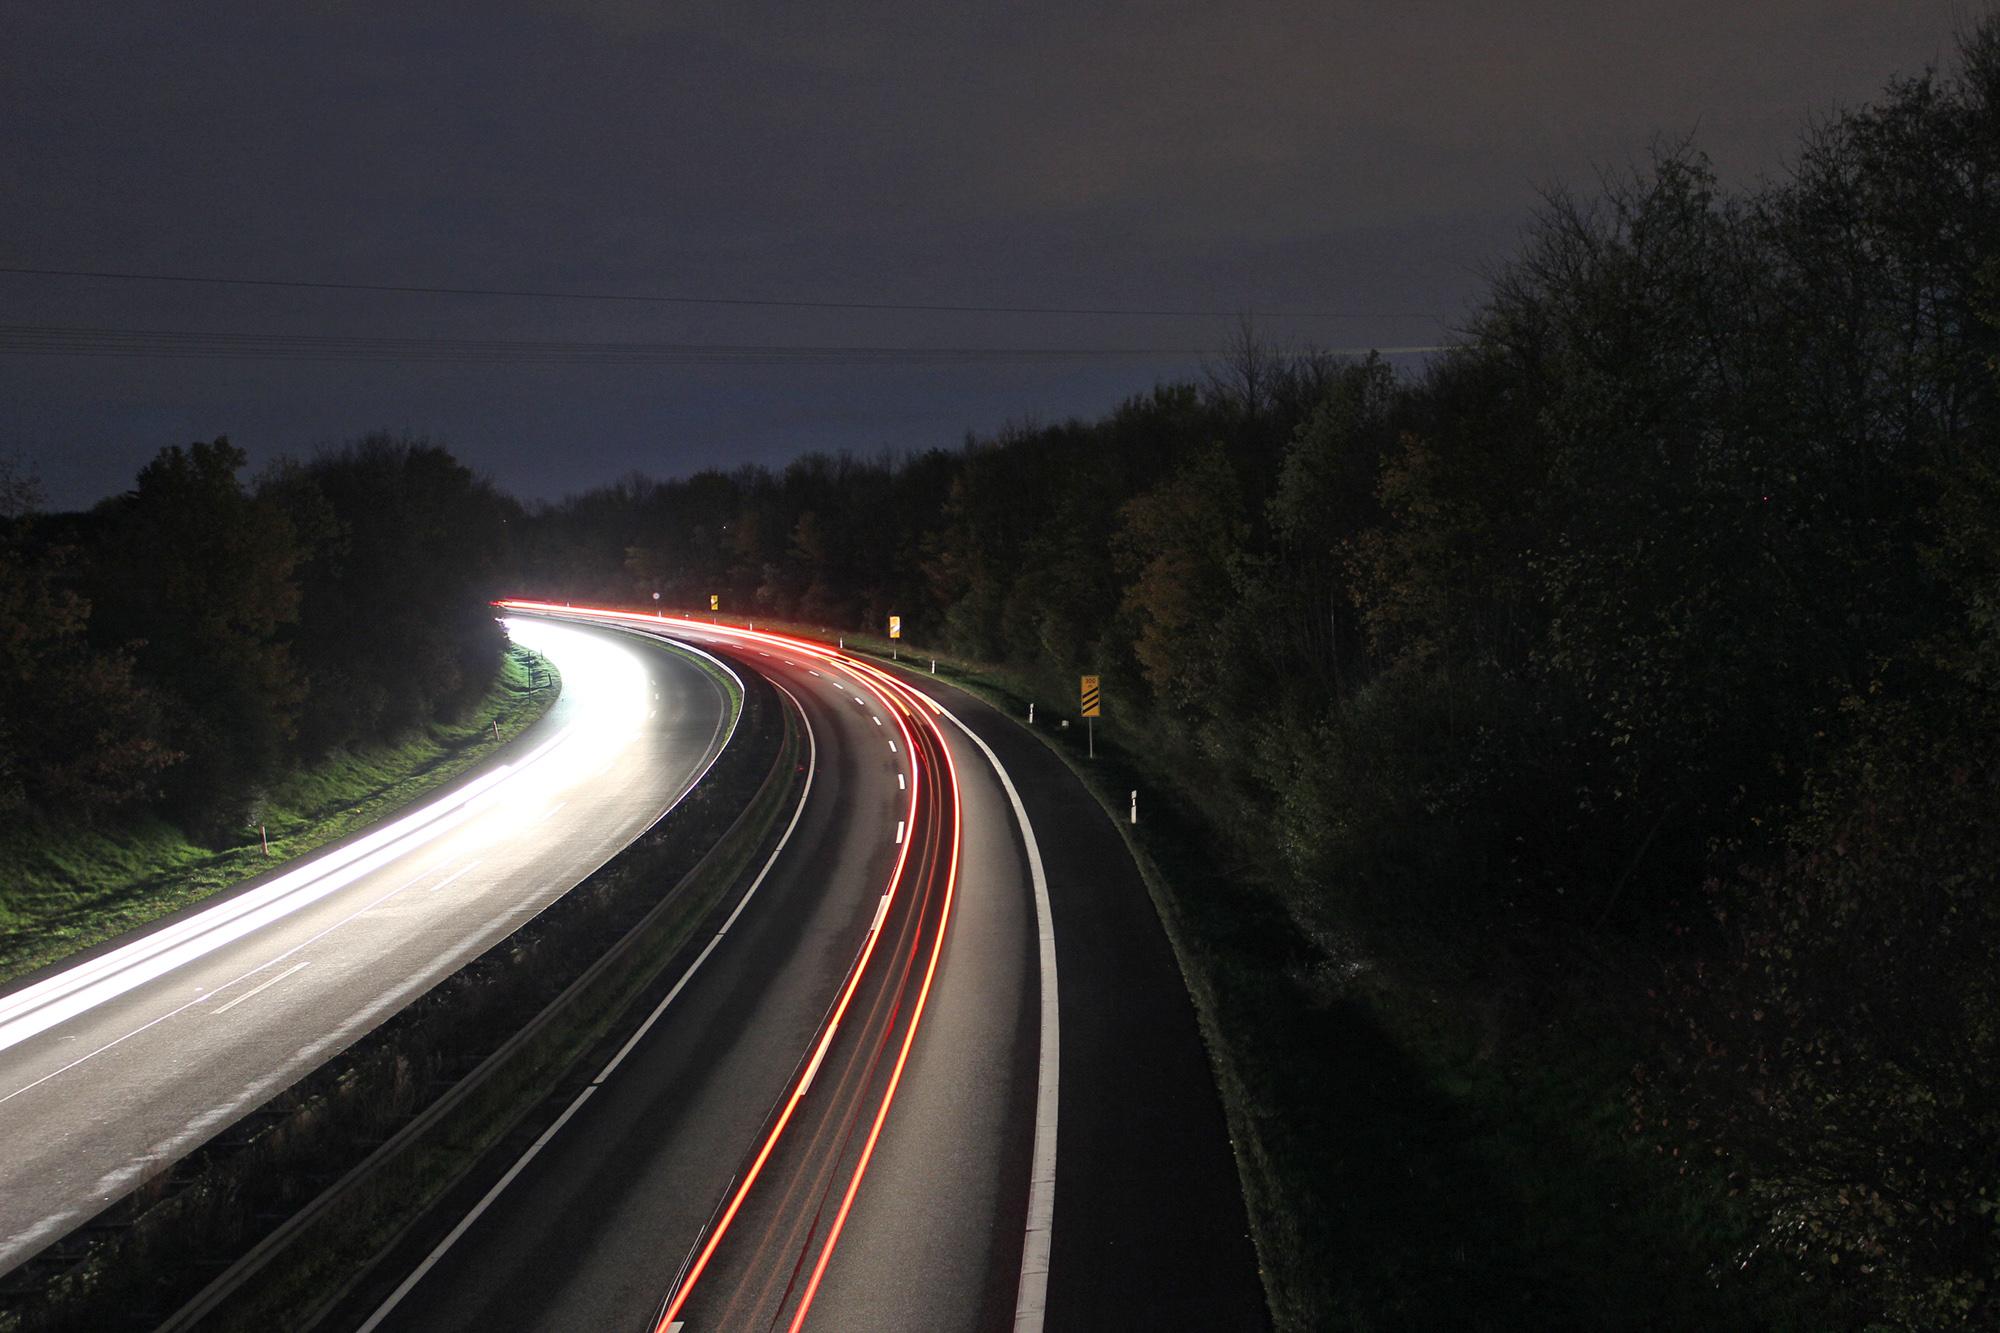 autobahn_bei_Nacht_1